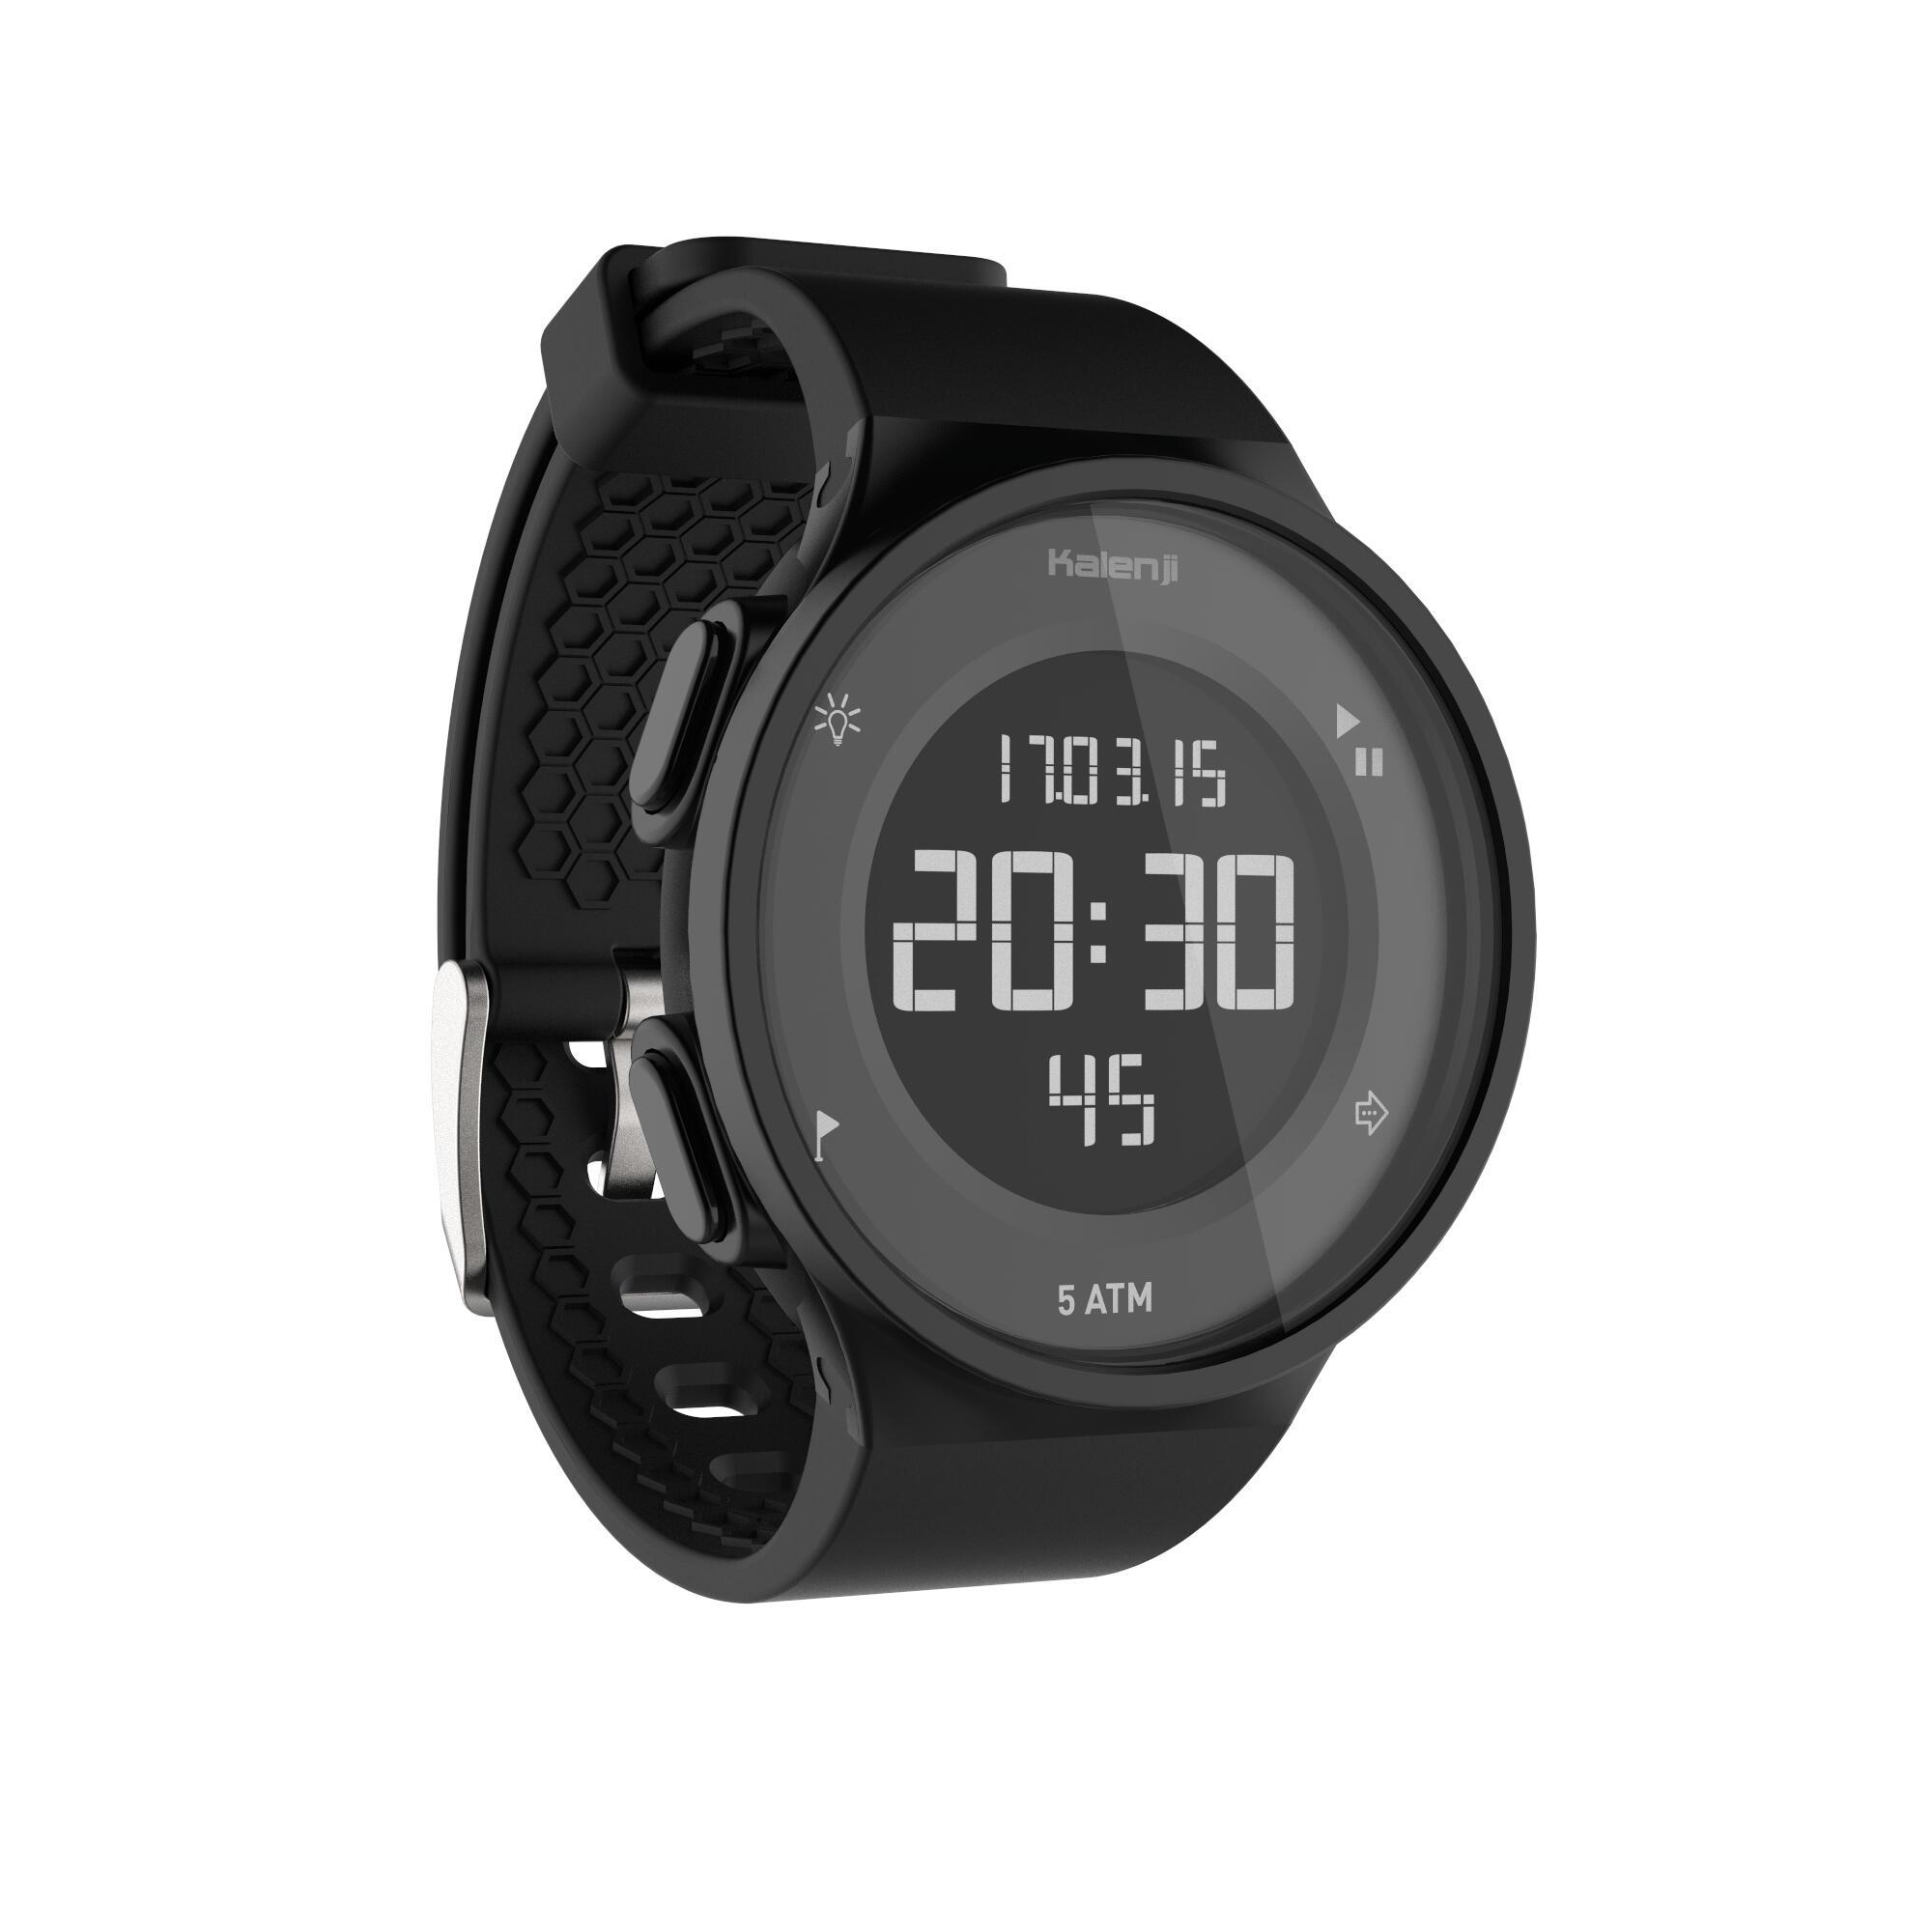 Sportuhr digital W500 M Swip Herren schwarz   Uhren > Sonstige Armbanduhren   Schwarz   Kalenji